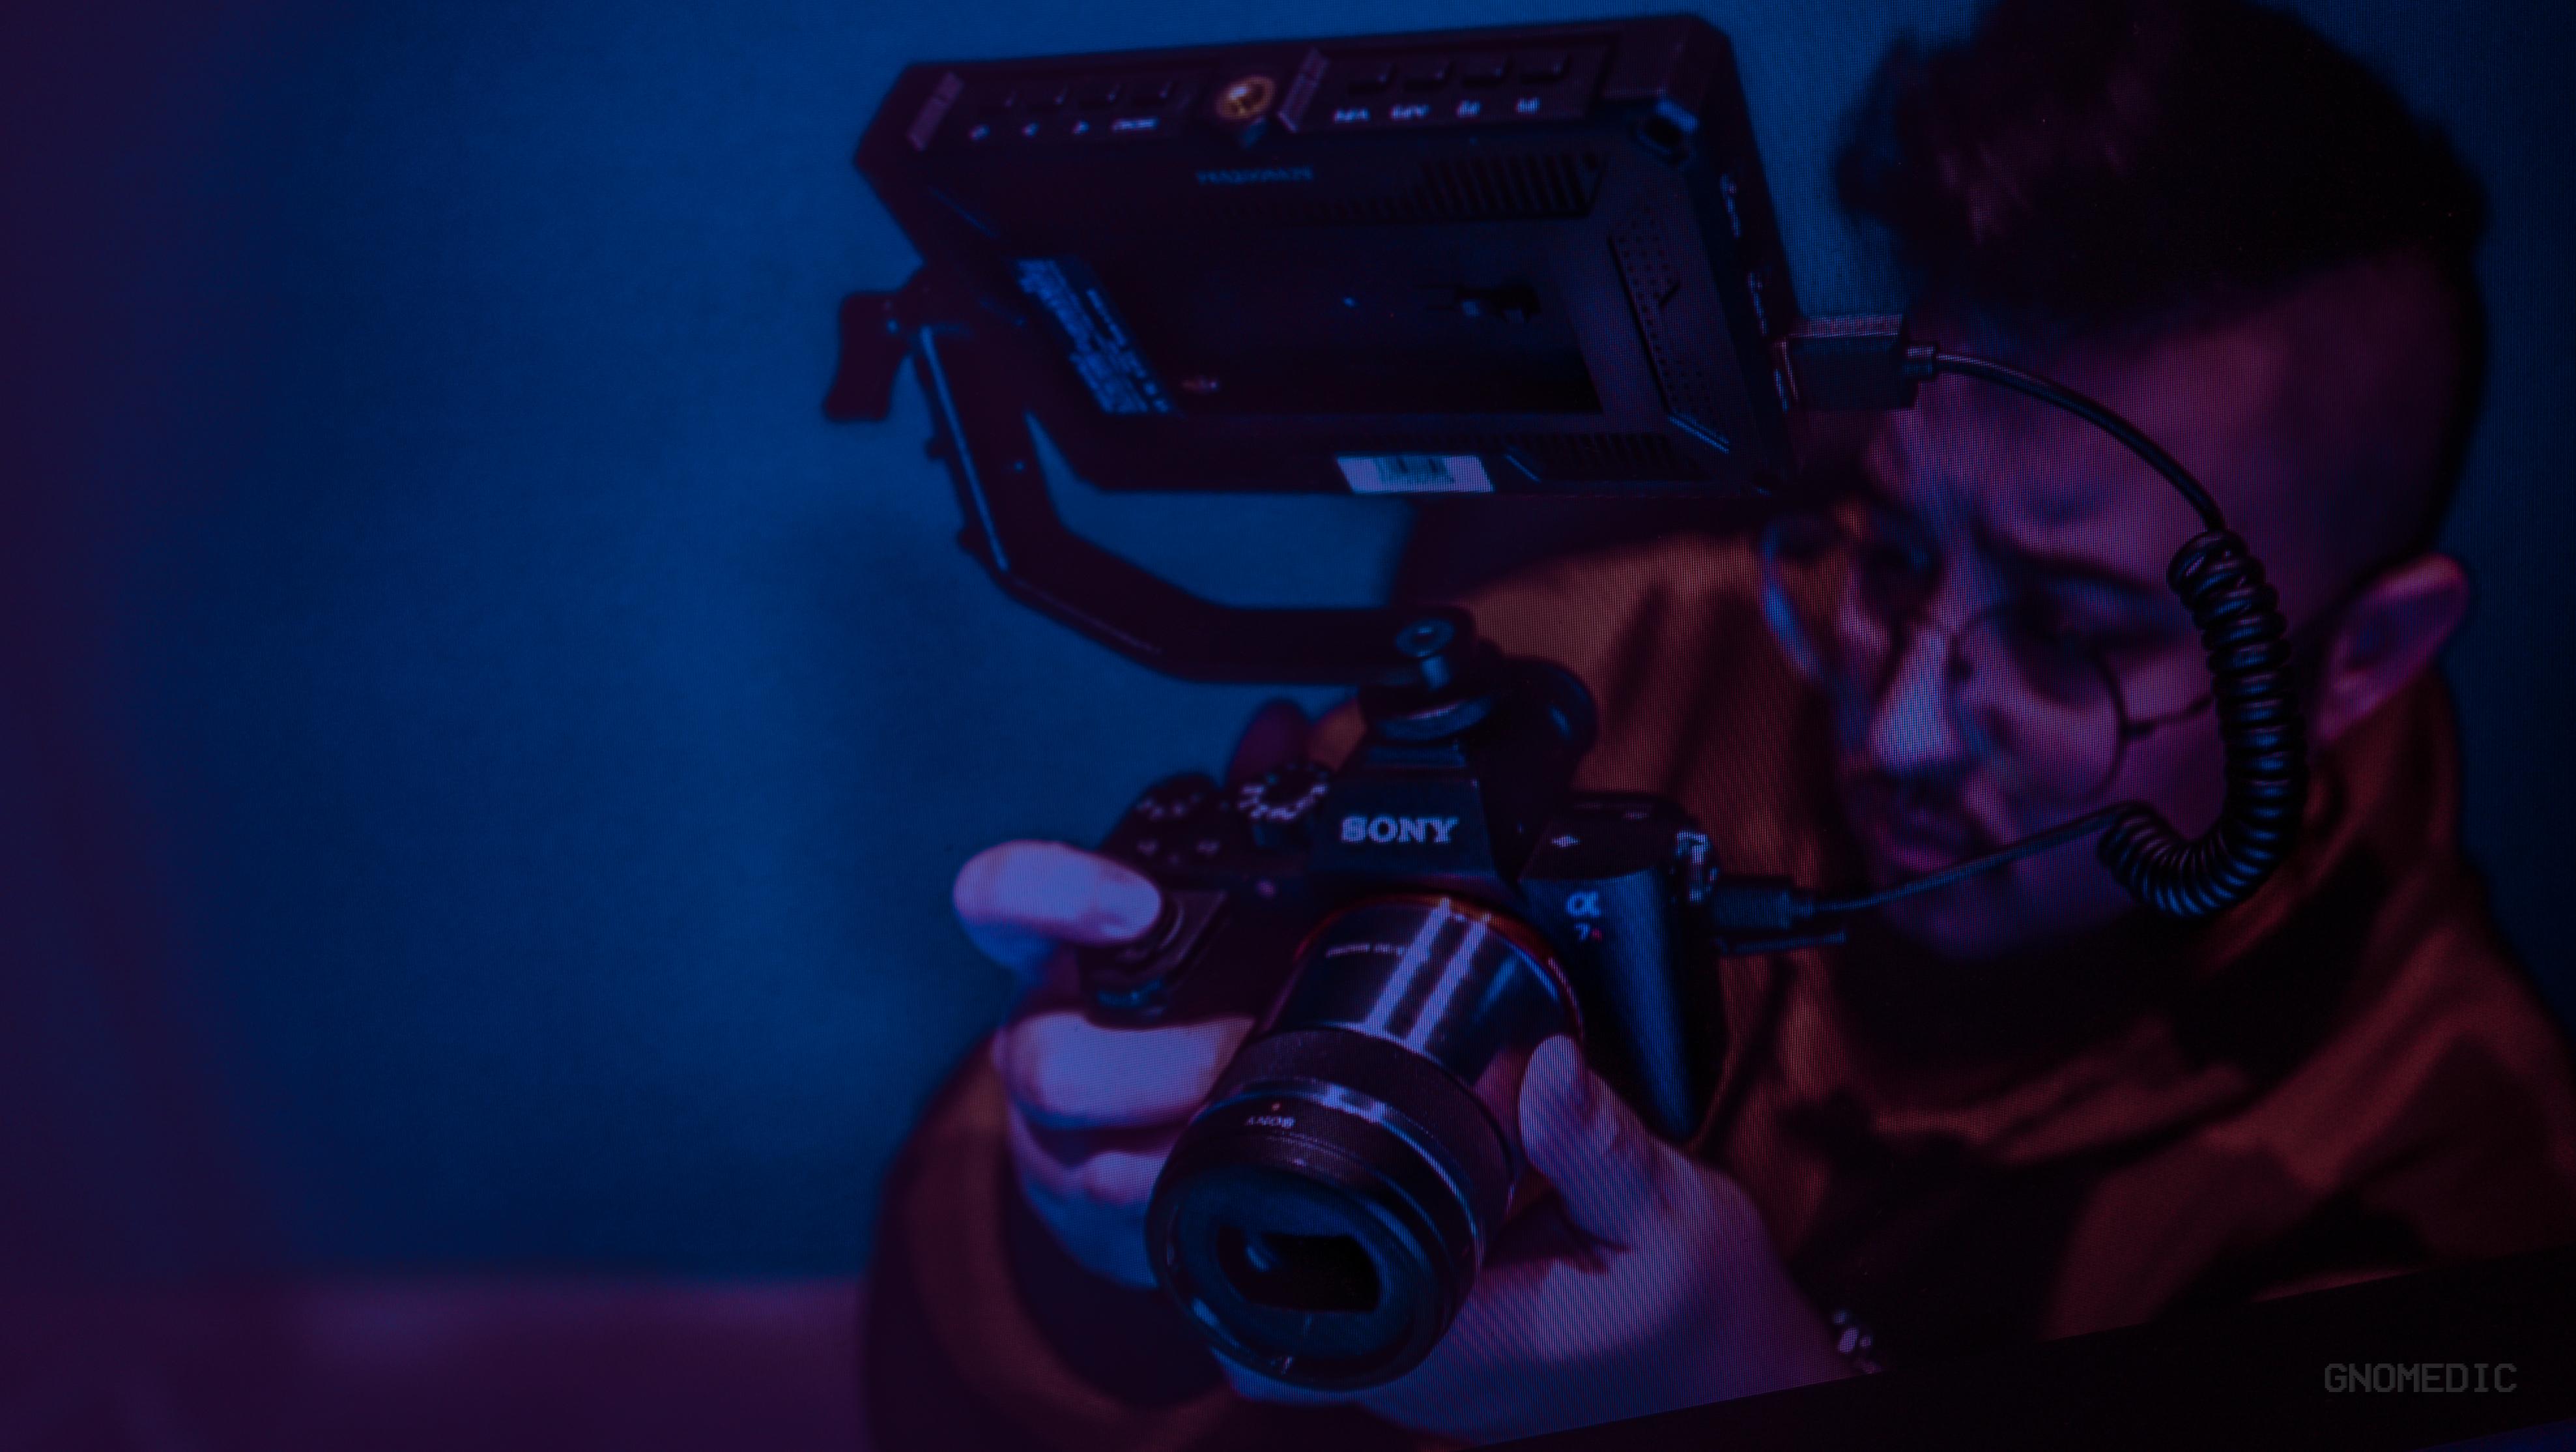 gnomedic-new-sony-camera-2020